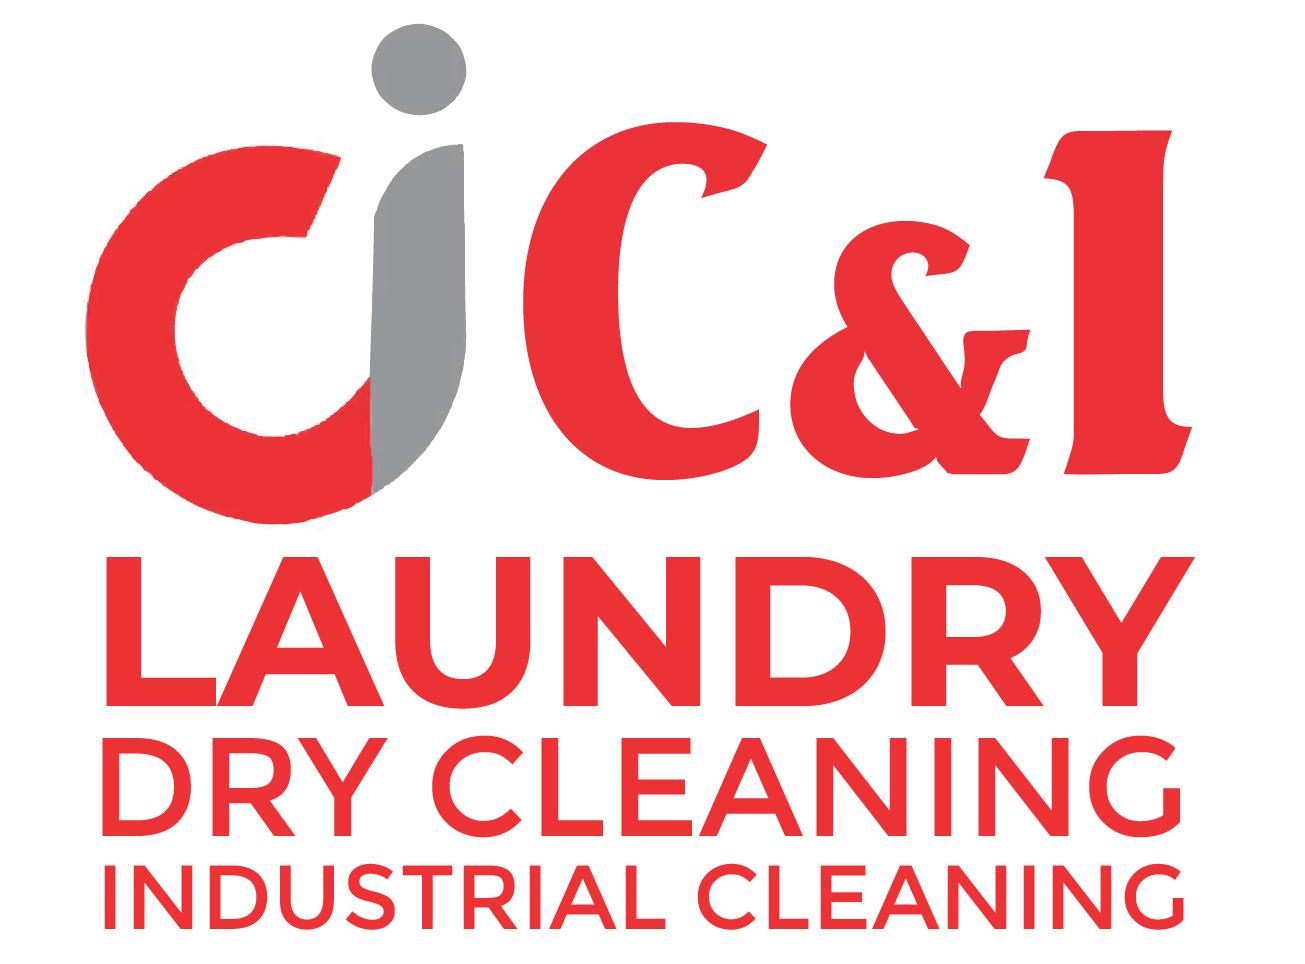 C&I laundry service